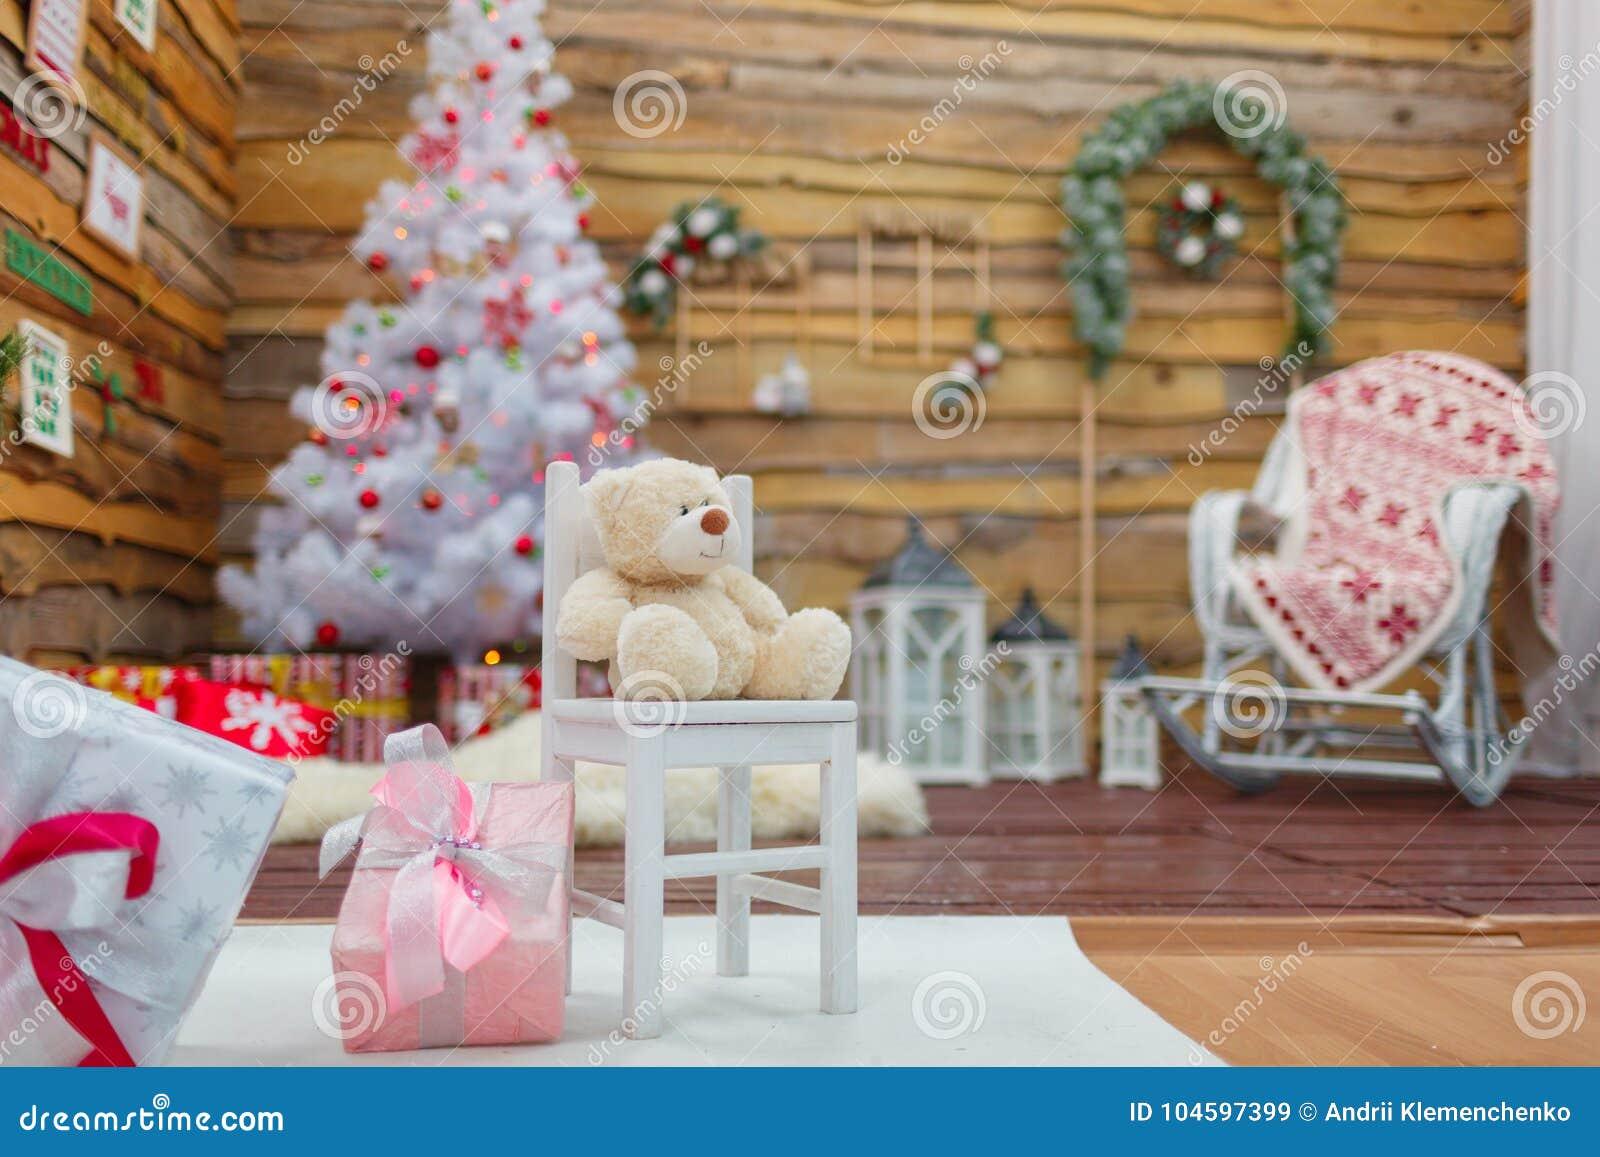 Rummet dekoreras med sörjer filialer och julgranen En nallebjörn sitter på en stol i mitt av rummet